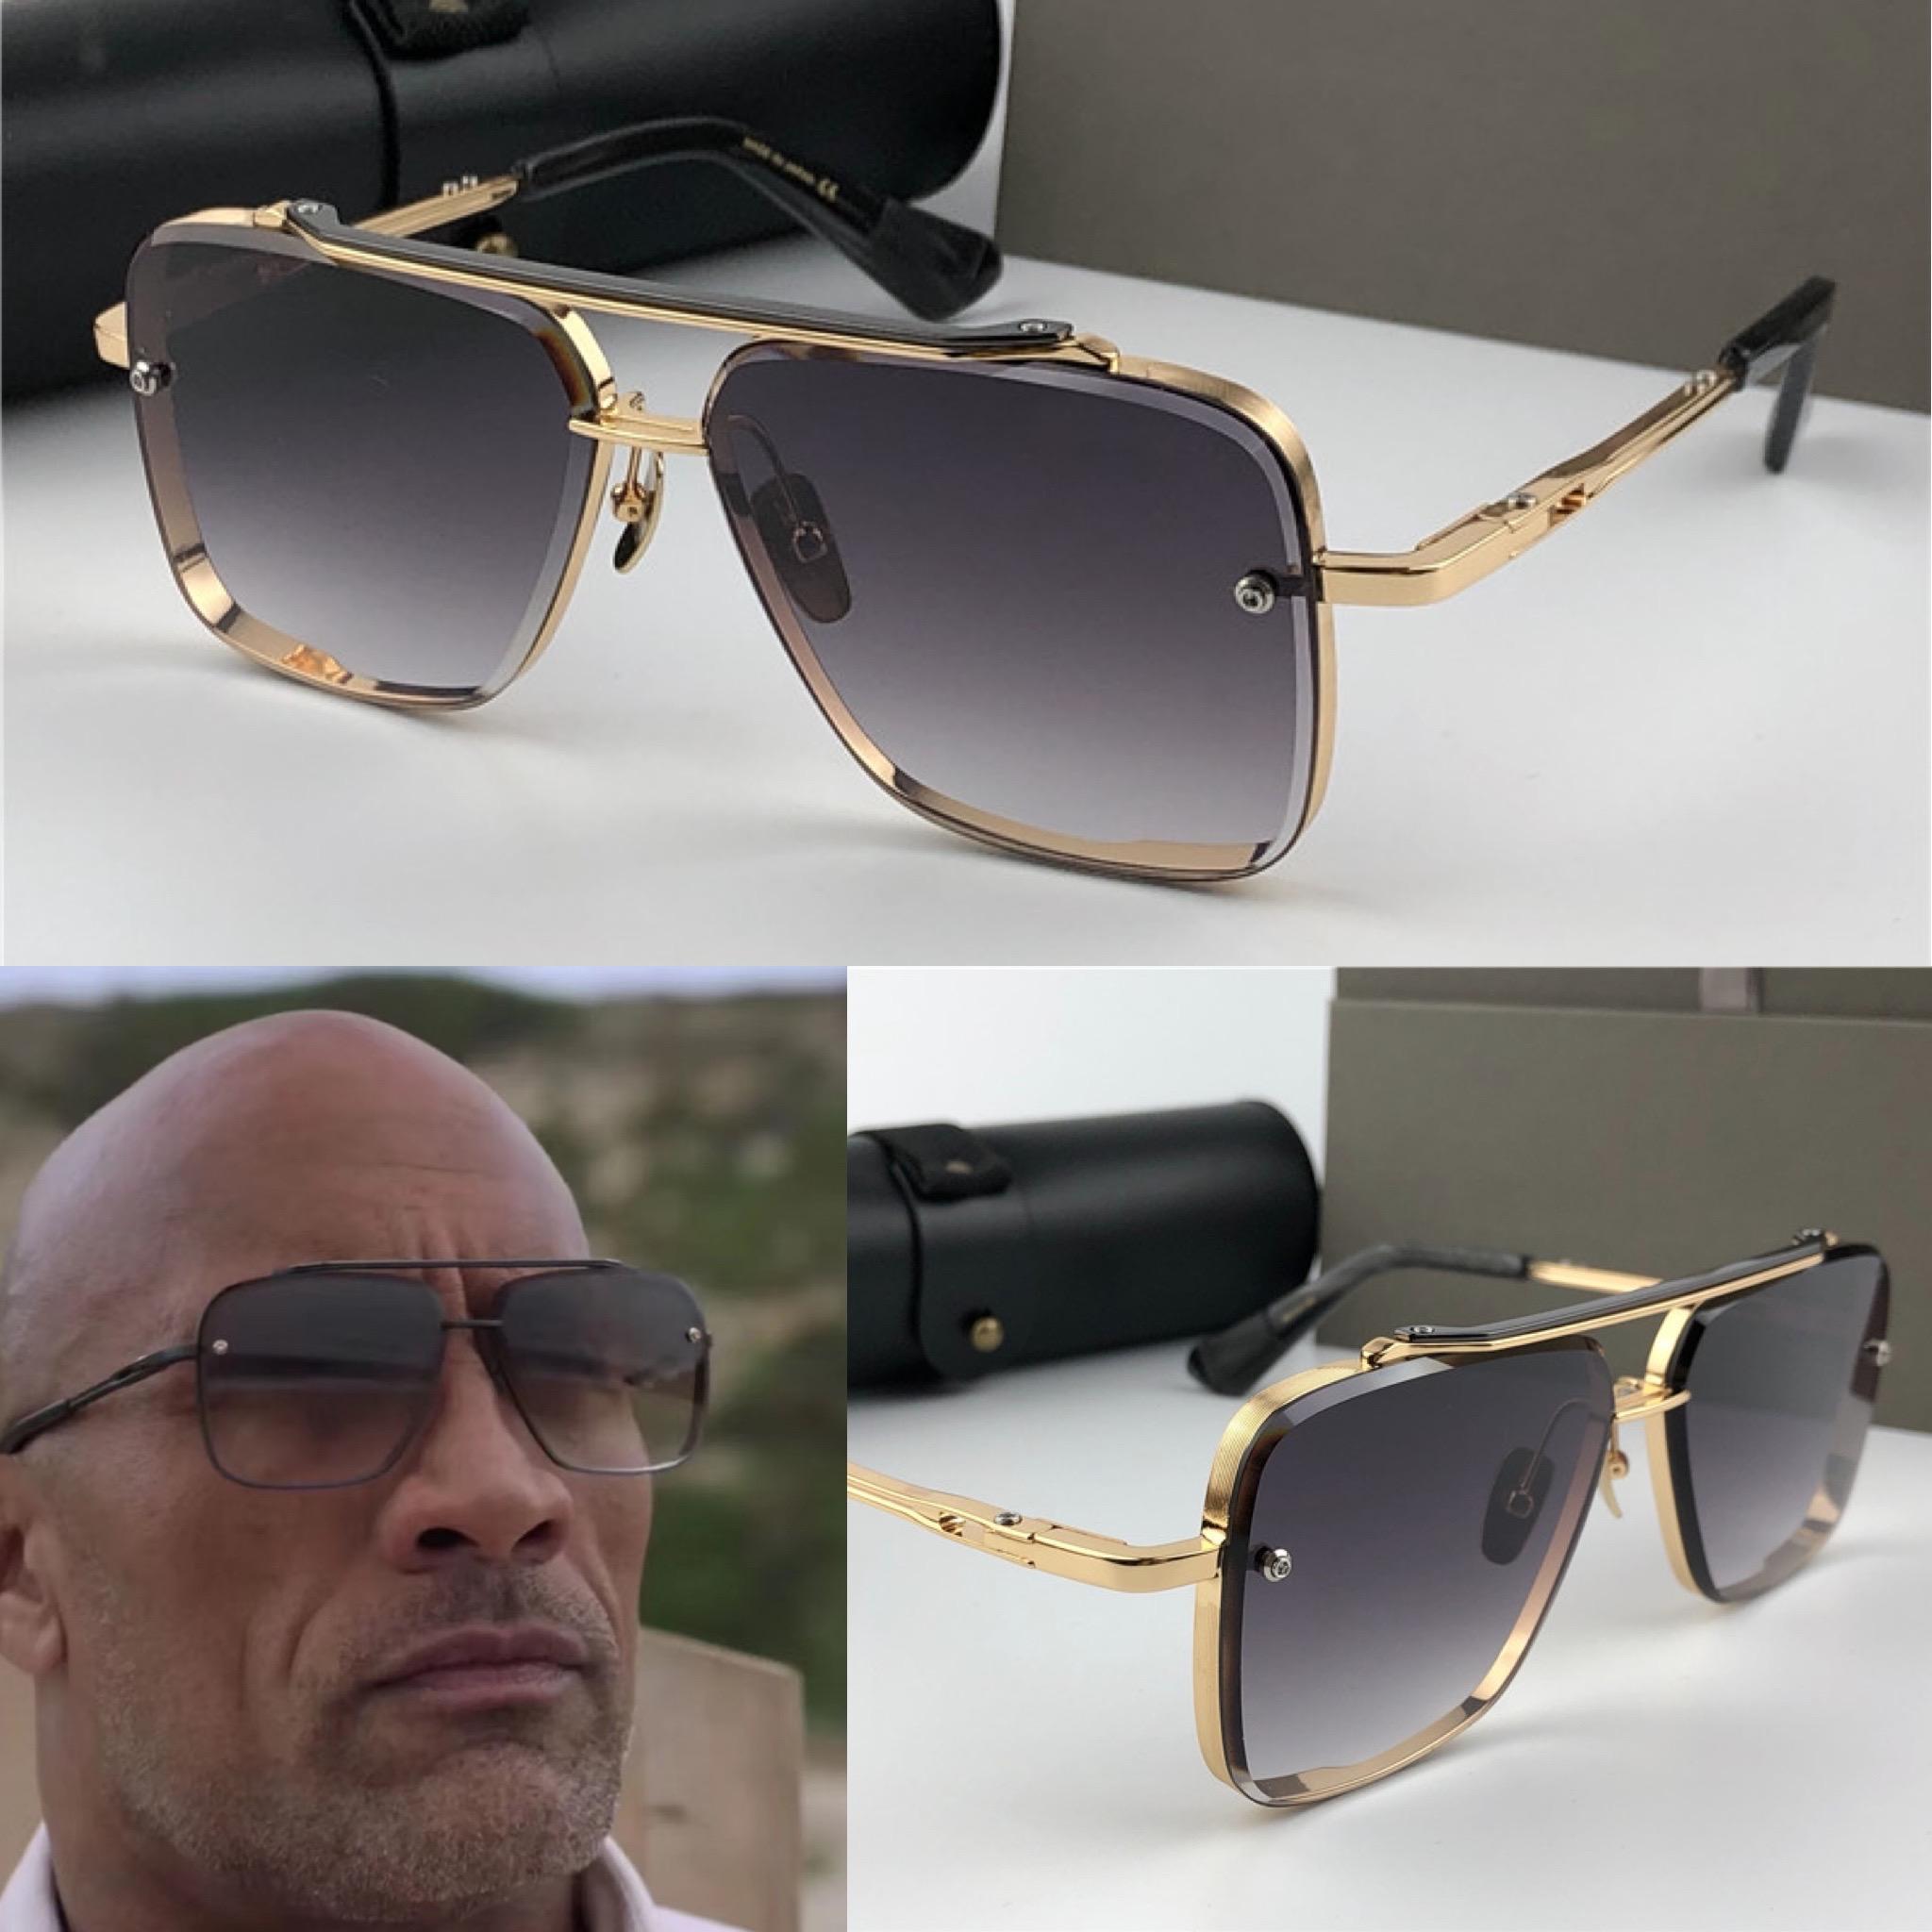 Новые солнцезащитные очки мужчины мода стиль дизайн Металлоизделия старинные очки квадратный бескаркасных UV 400 объектив с футляром